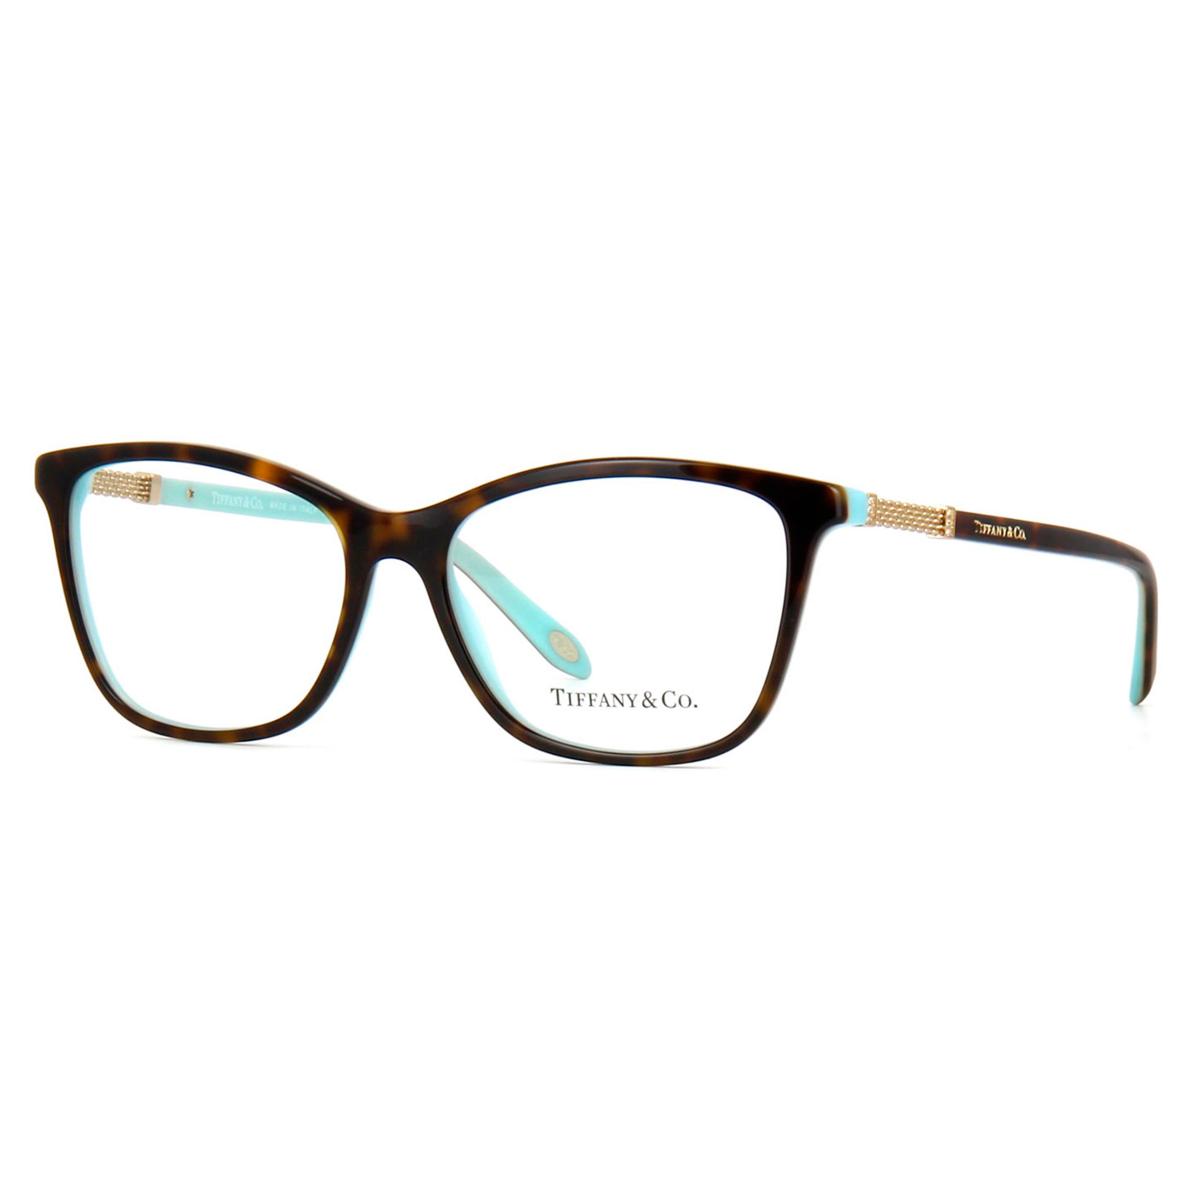 809660b018867 Compre Óculos de Grau Tiffany   Co. em 10X